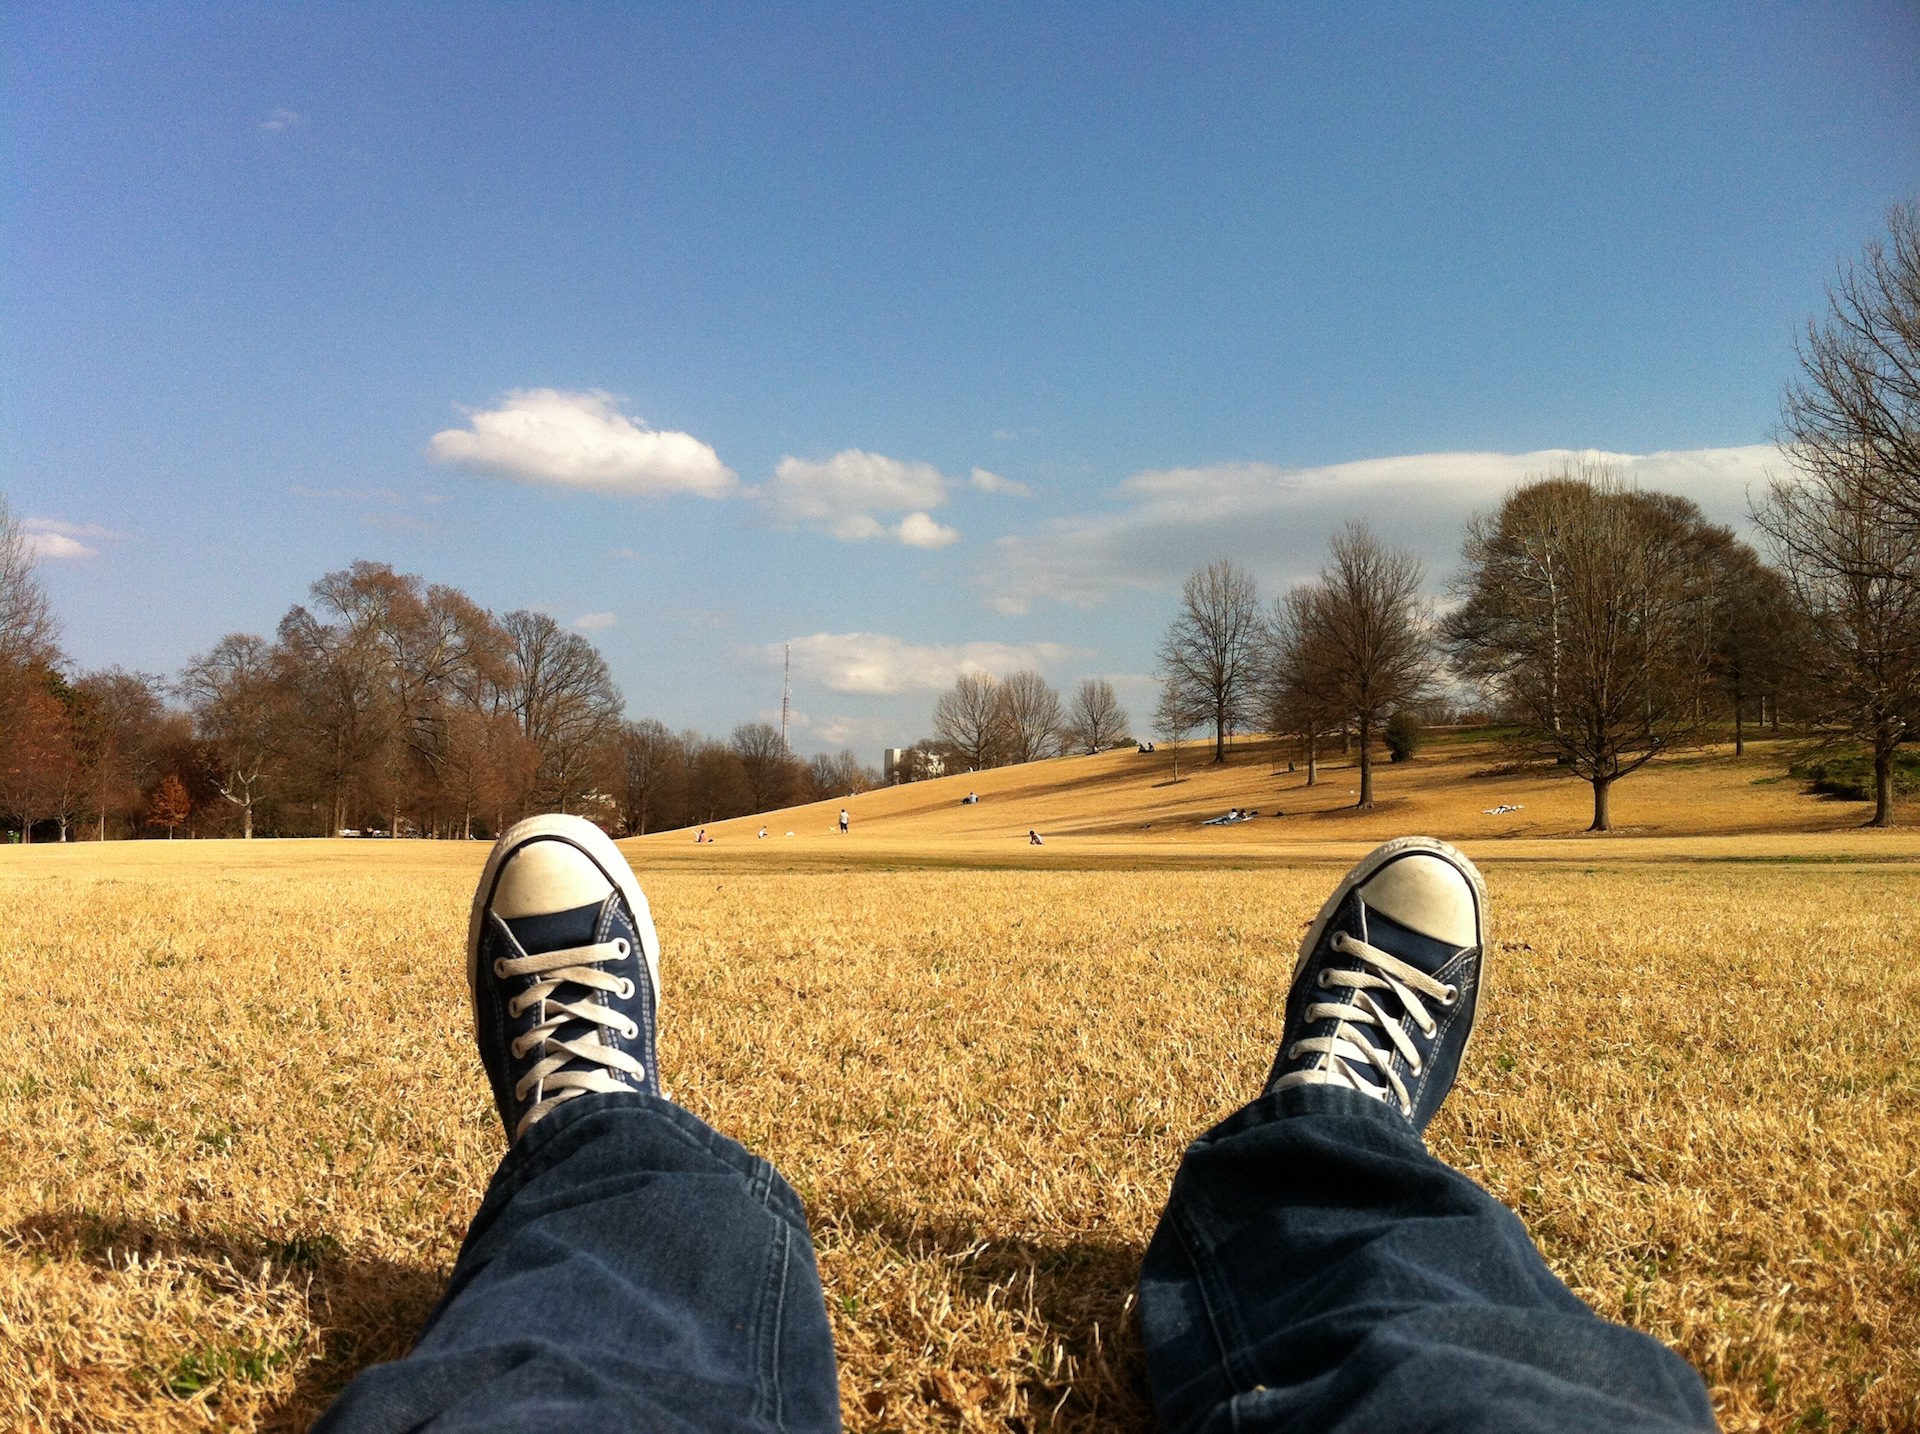 sapatos, descanso, Parque, grama, seca - Papéis de parede HD - Professor-falken.com